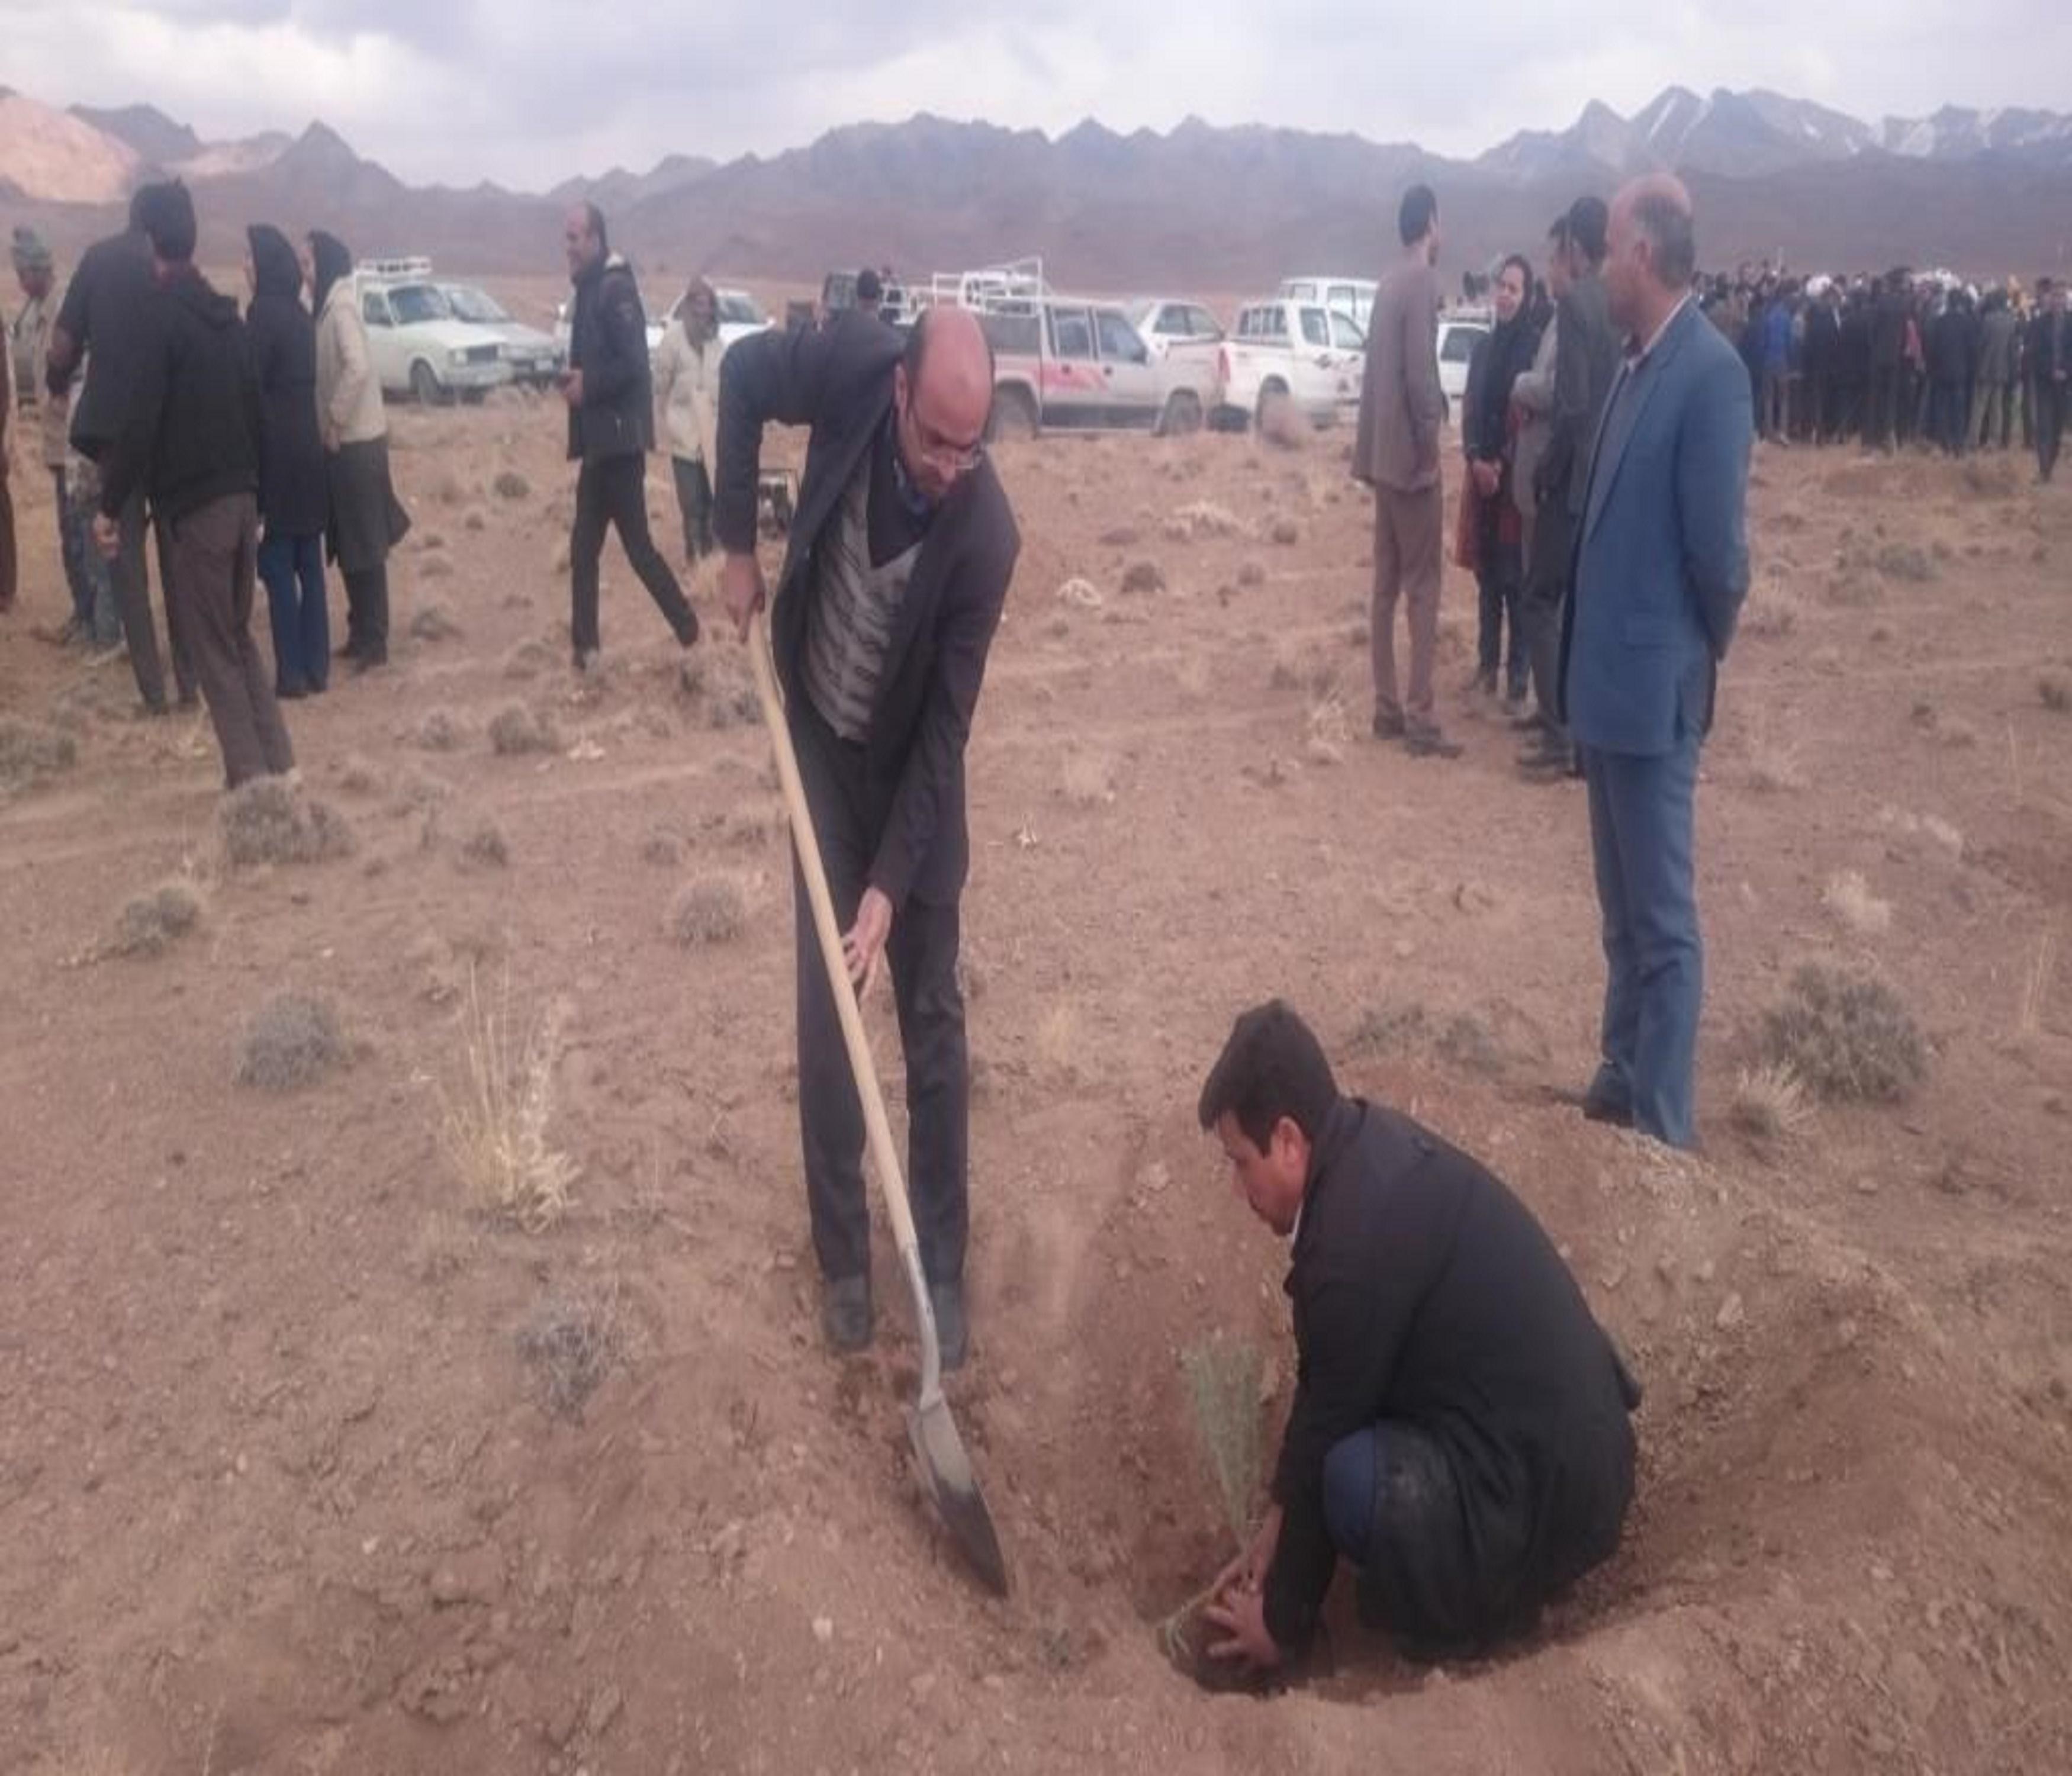 مشارکت کارکنان اداره صنعت، معدن و تجارت شهرستان سربیشه در پویش همگانی نهالکاری